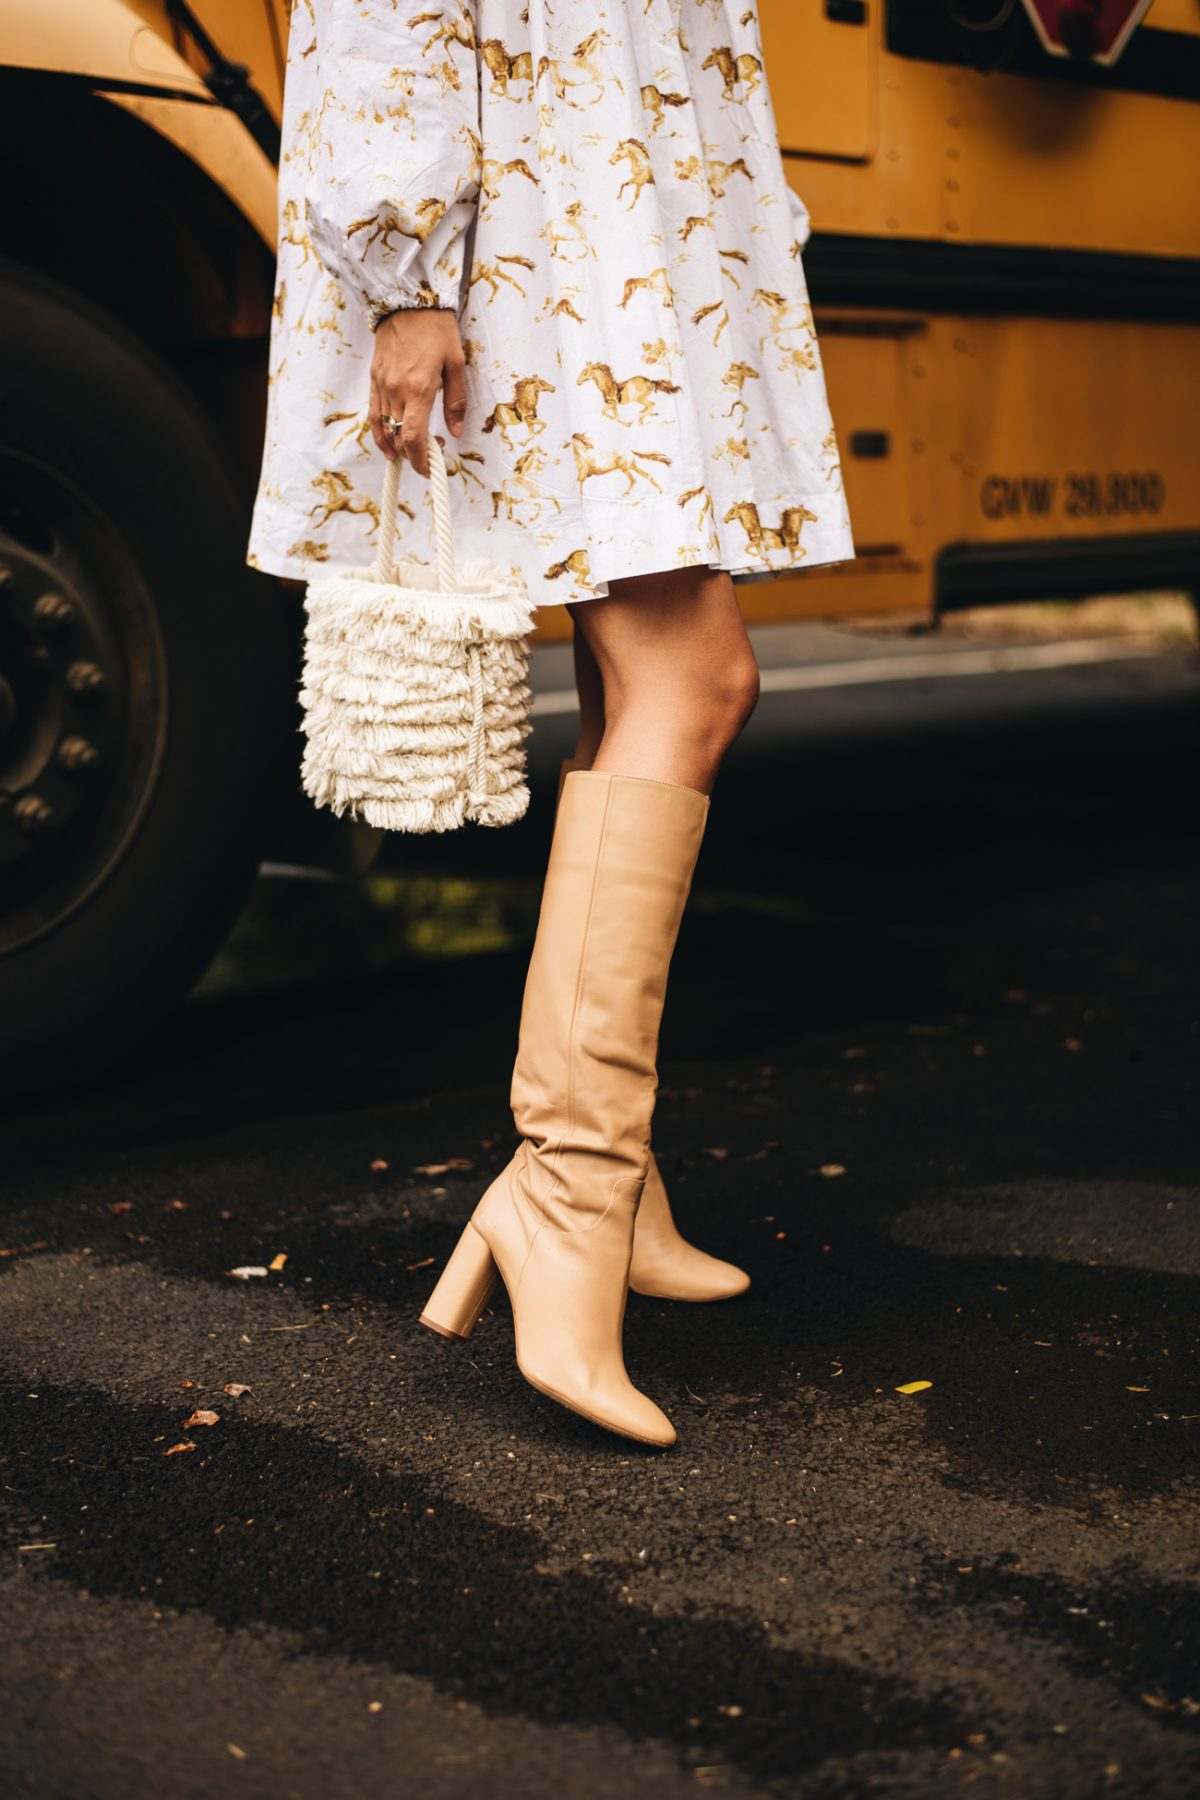 fashion-forecast:-die-7-wichtigsten-schuhtrends-fur-herbst/winter-2021/22